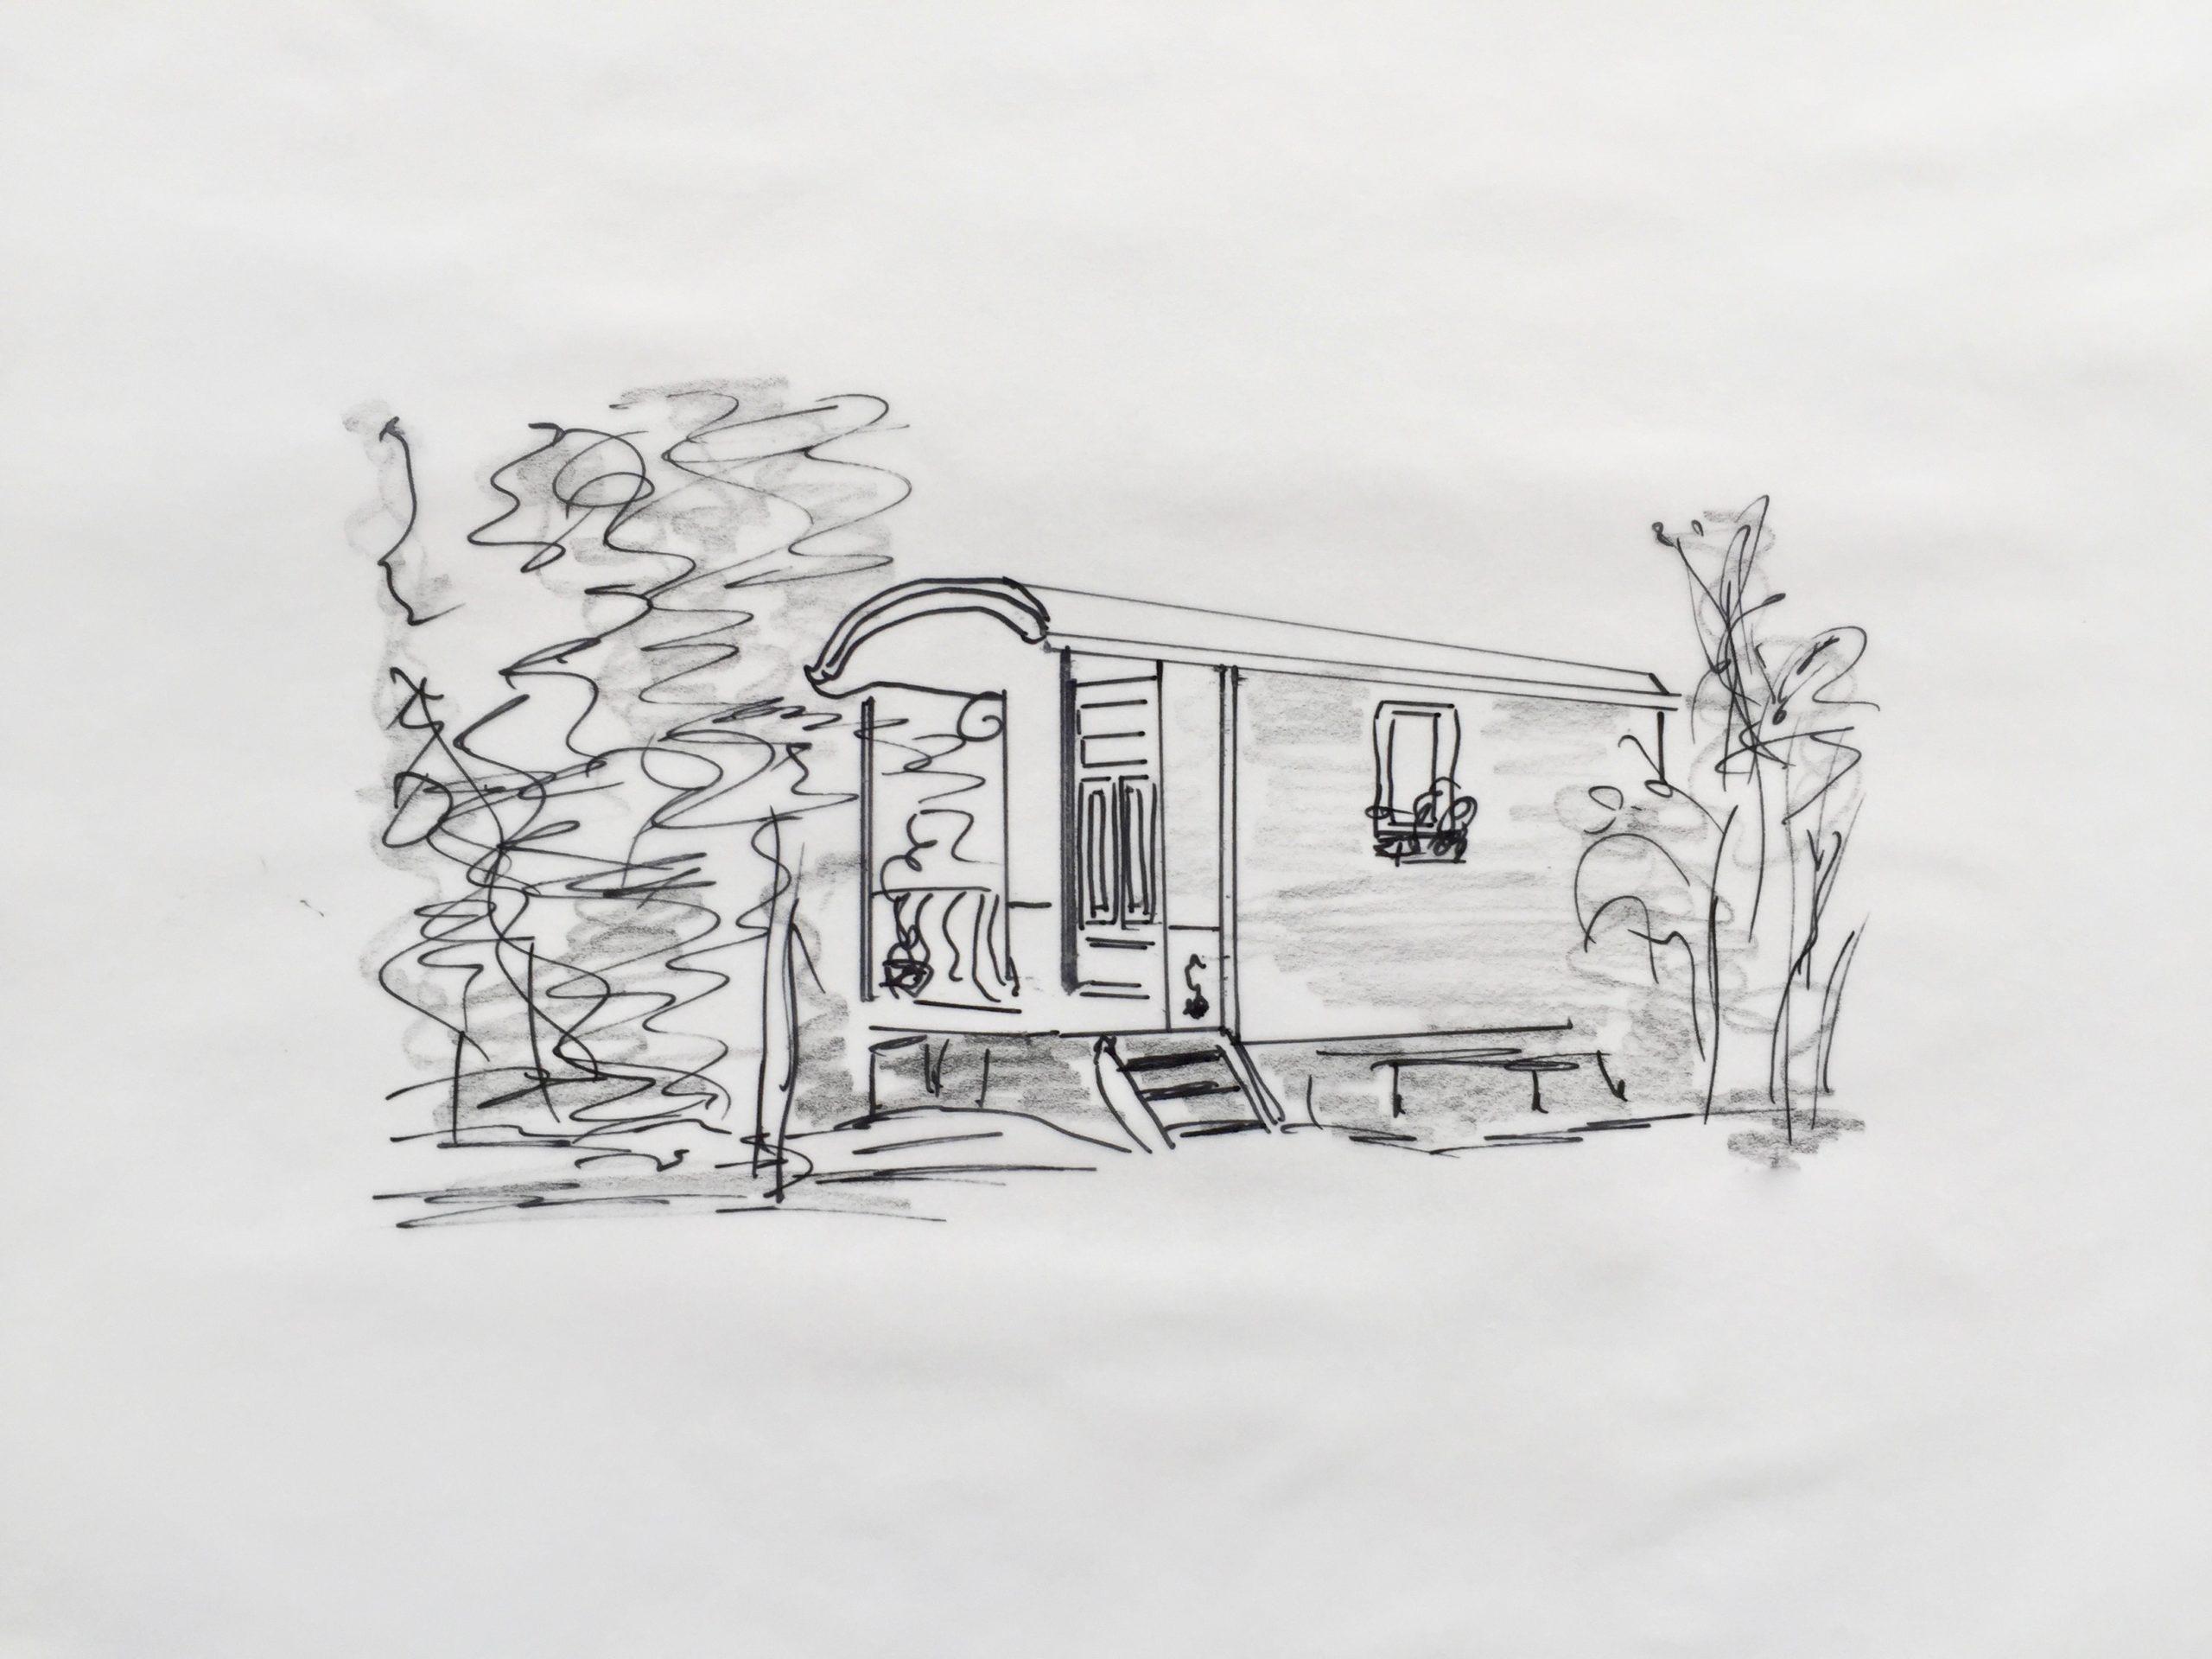 Skizze: Ein Wohnwagen im Grünen –sprich wenig Haus fürs Geld ? Kann schon passieren, weil die Hausbank bei Finanzierung nicht in Optionen denkt.